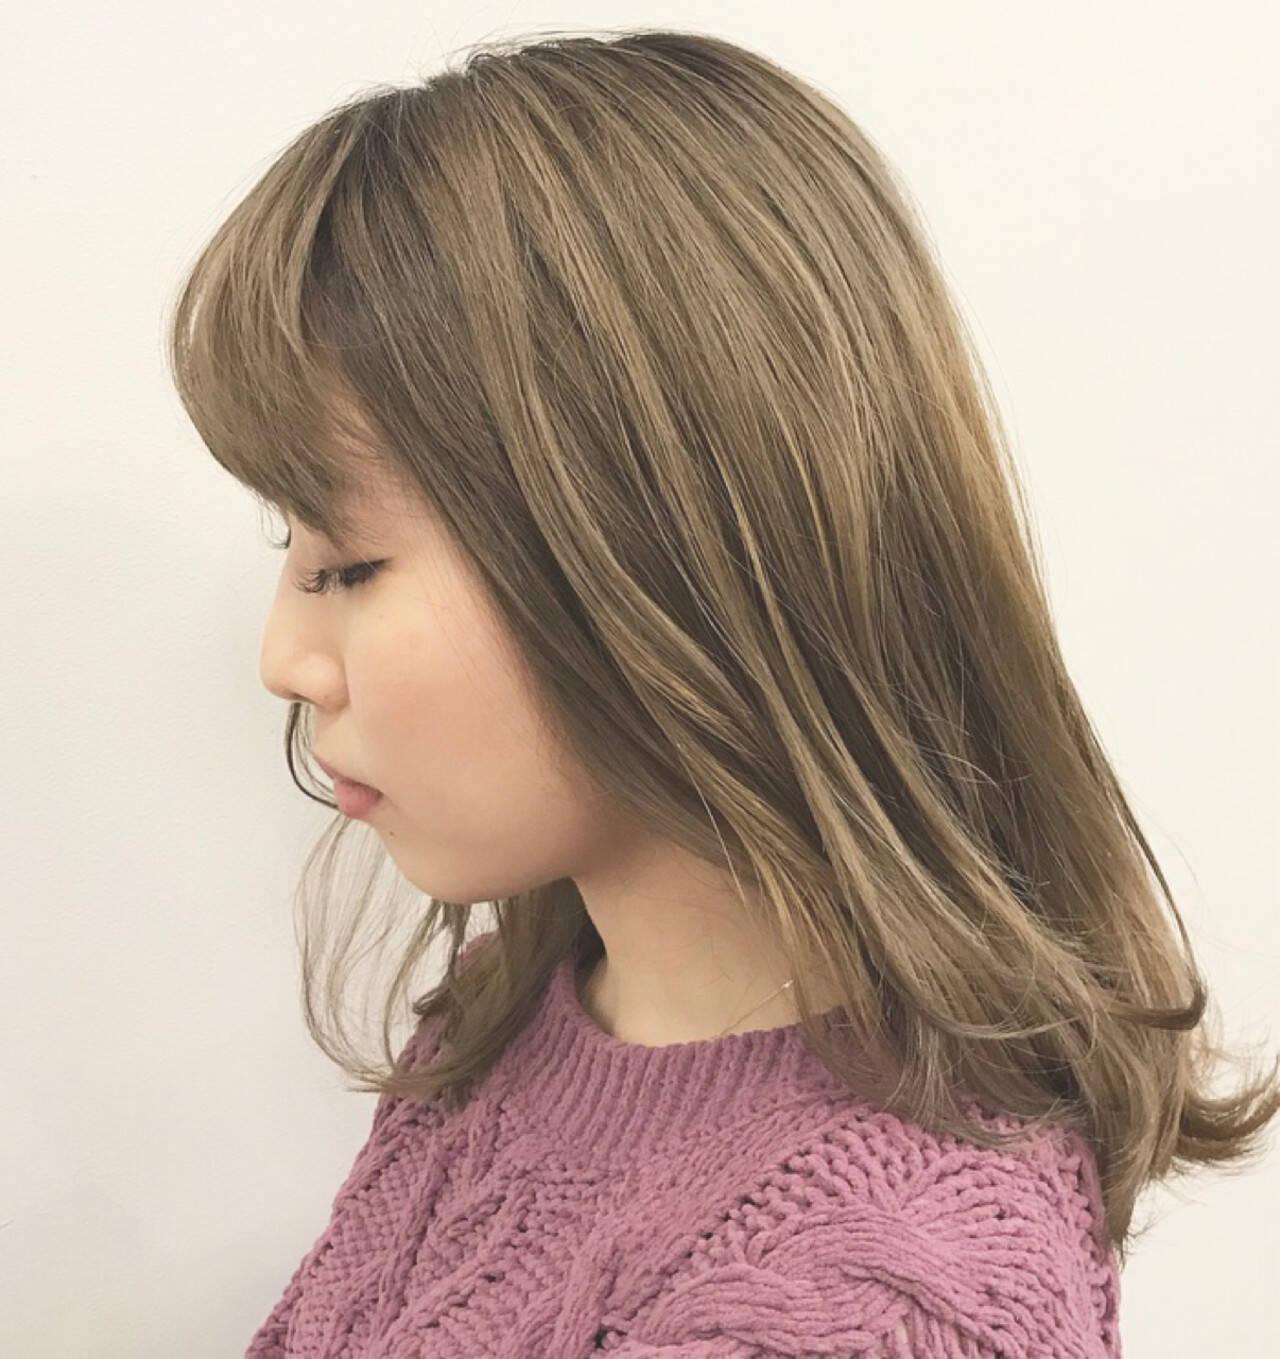 グレージュ ハイライト グラデーションカラー 外国人風カラーヘアスタイルや髪型の写真・画像